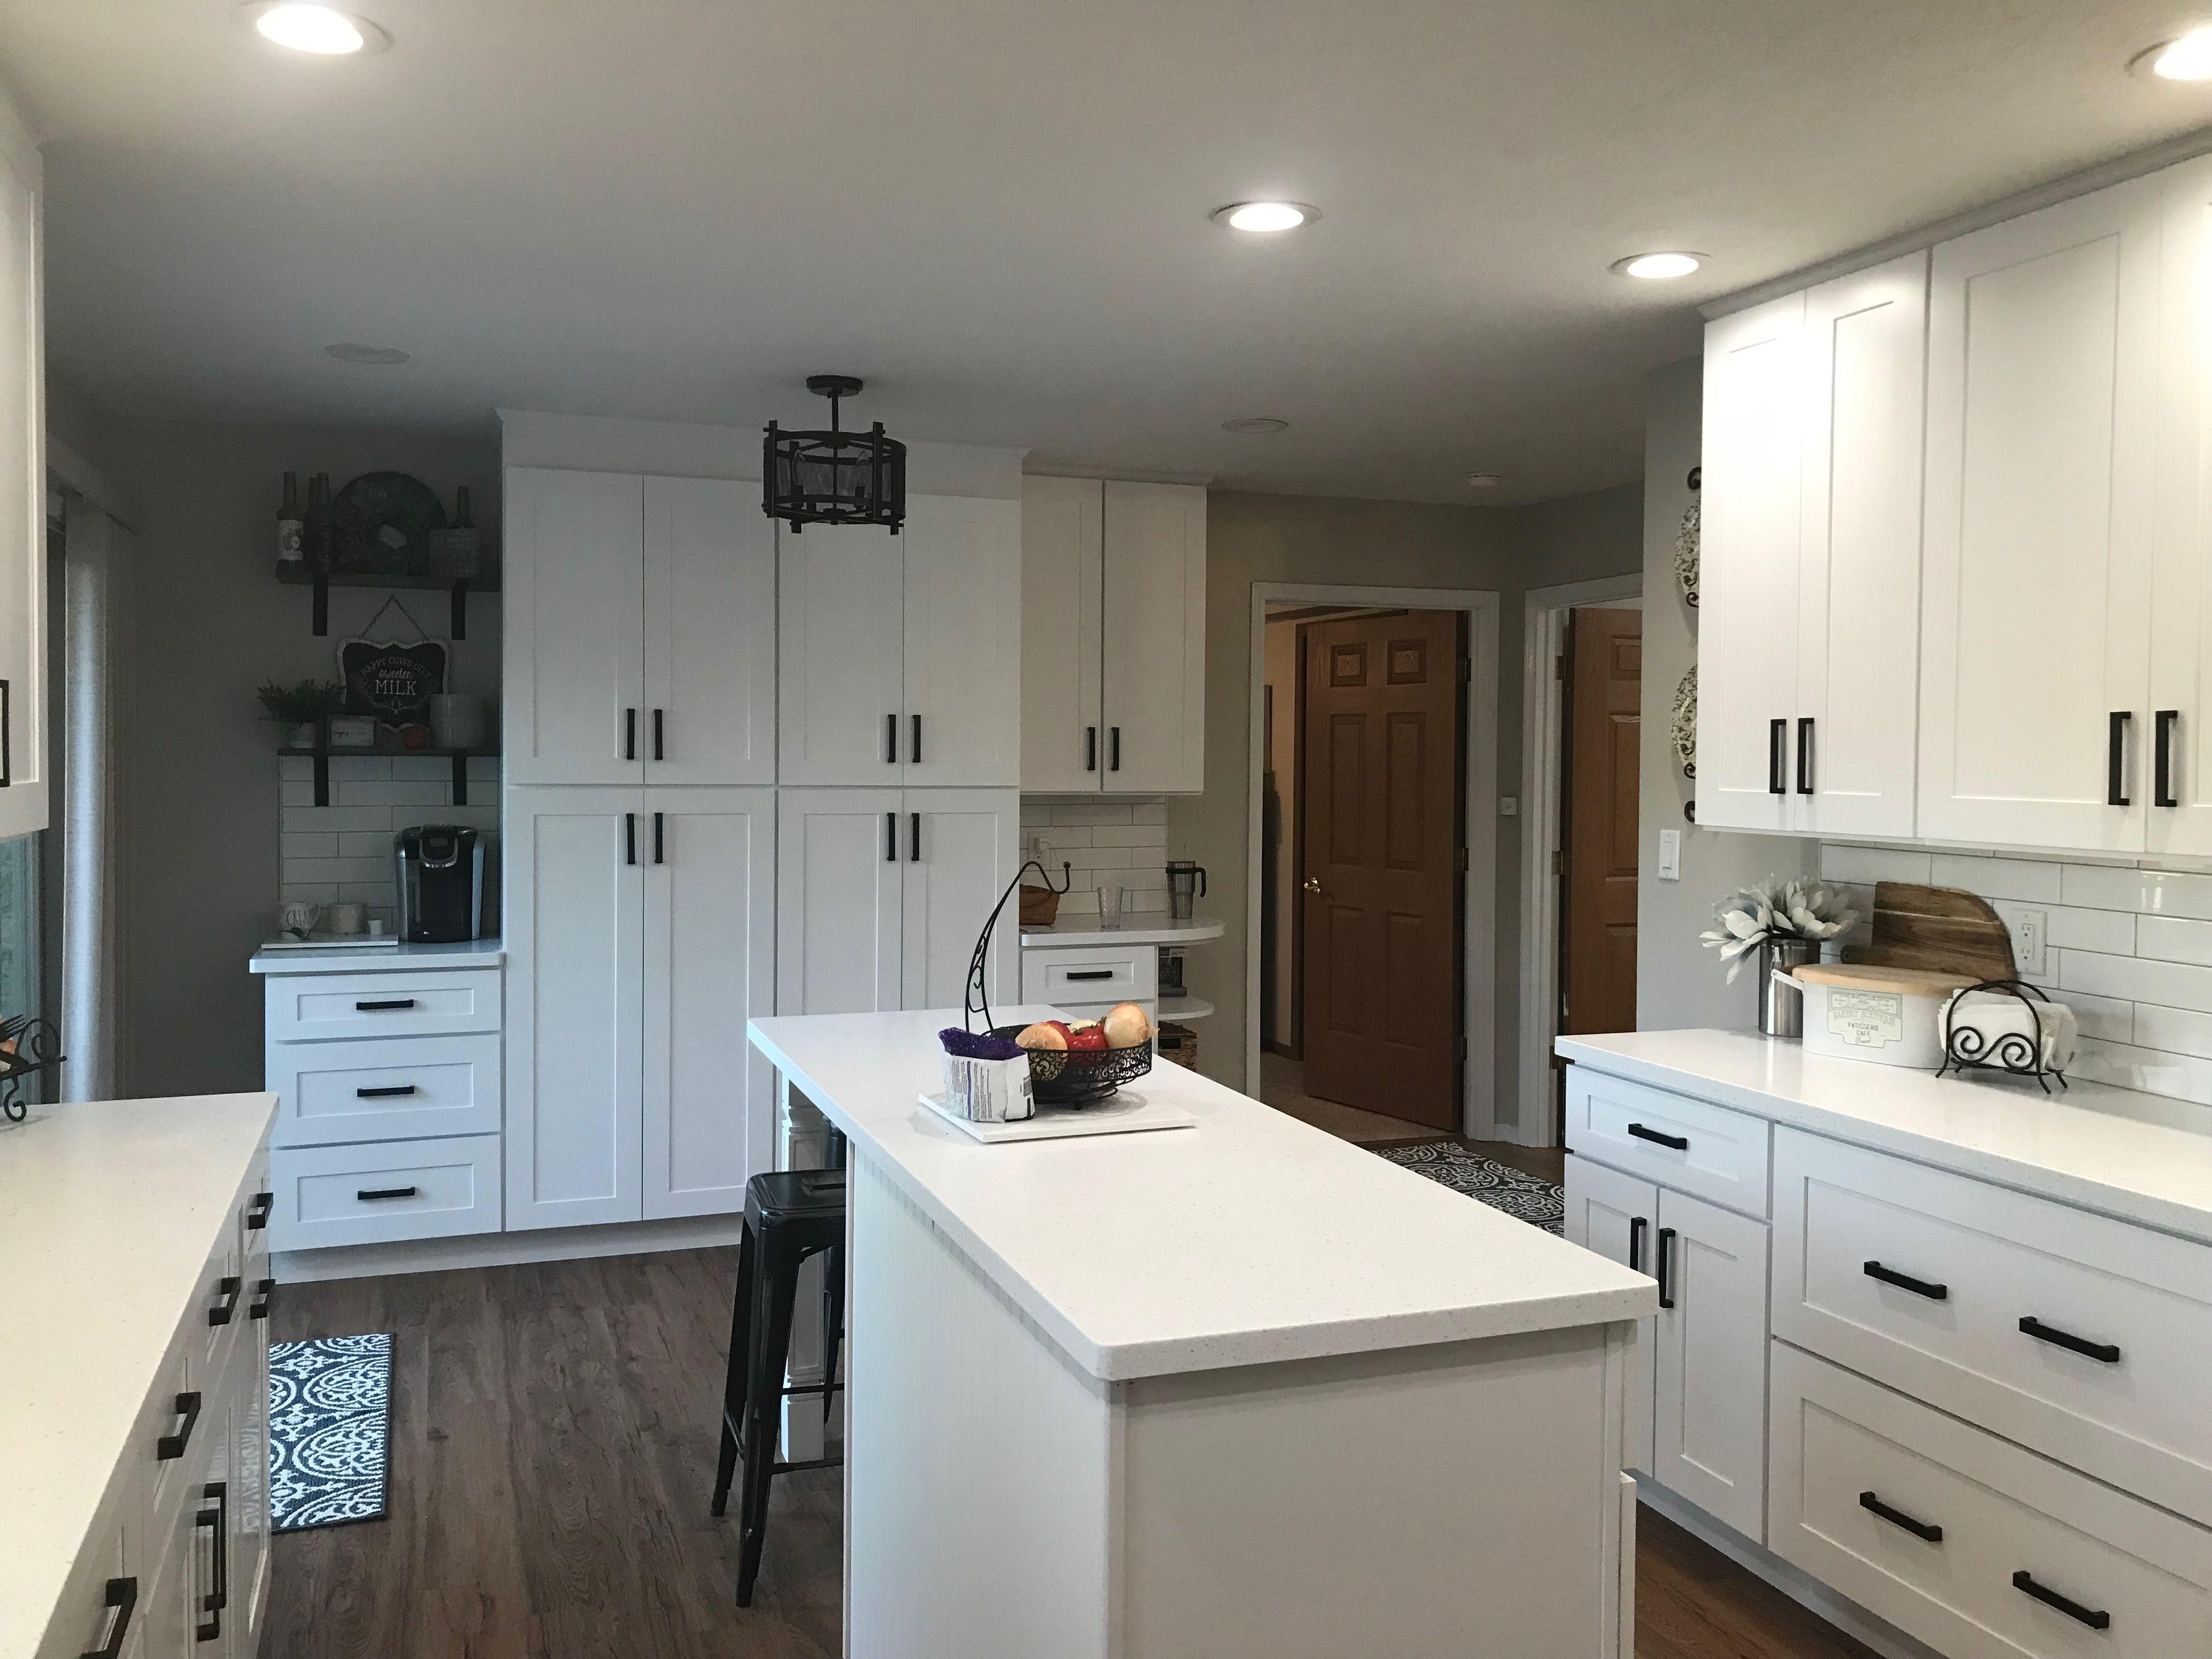 Lily Ann Cabinets White Shaker Kitchen White Shaker Kitchen Cabinets Grey Kitchen Cabinets Shaker Kitchen Cabinets